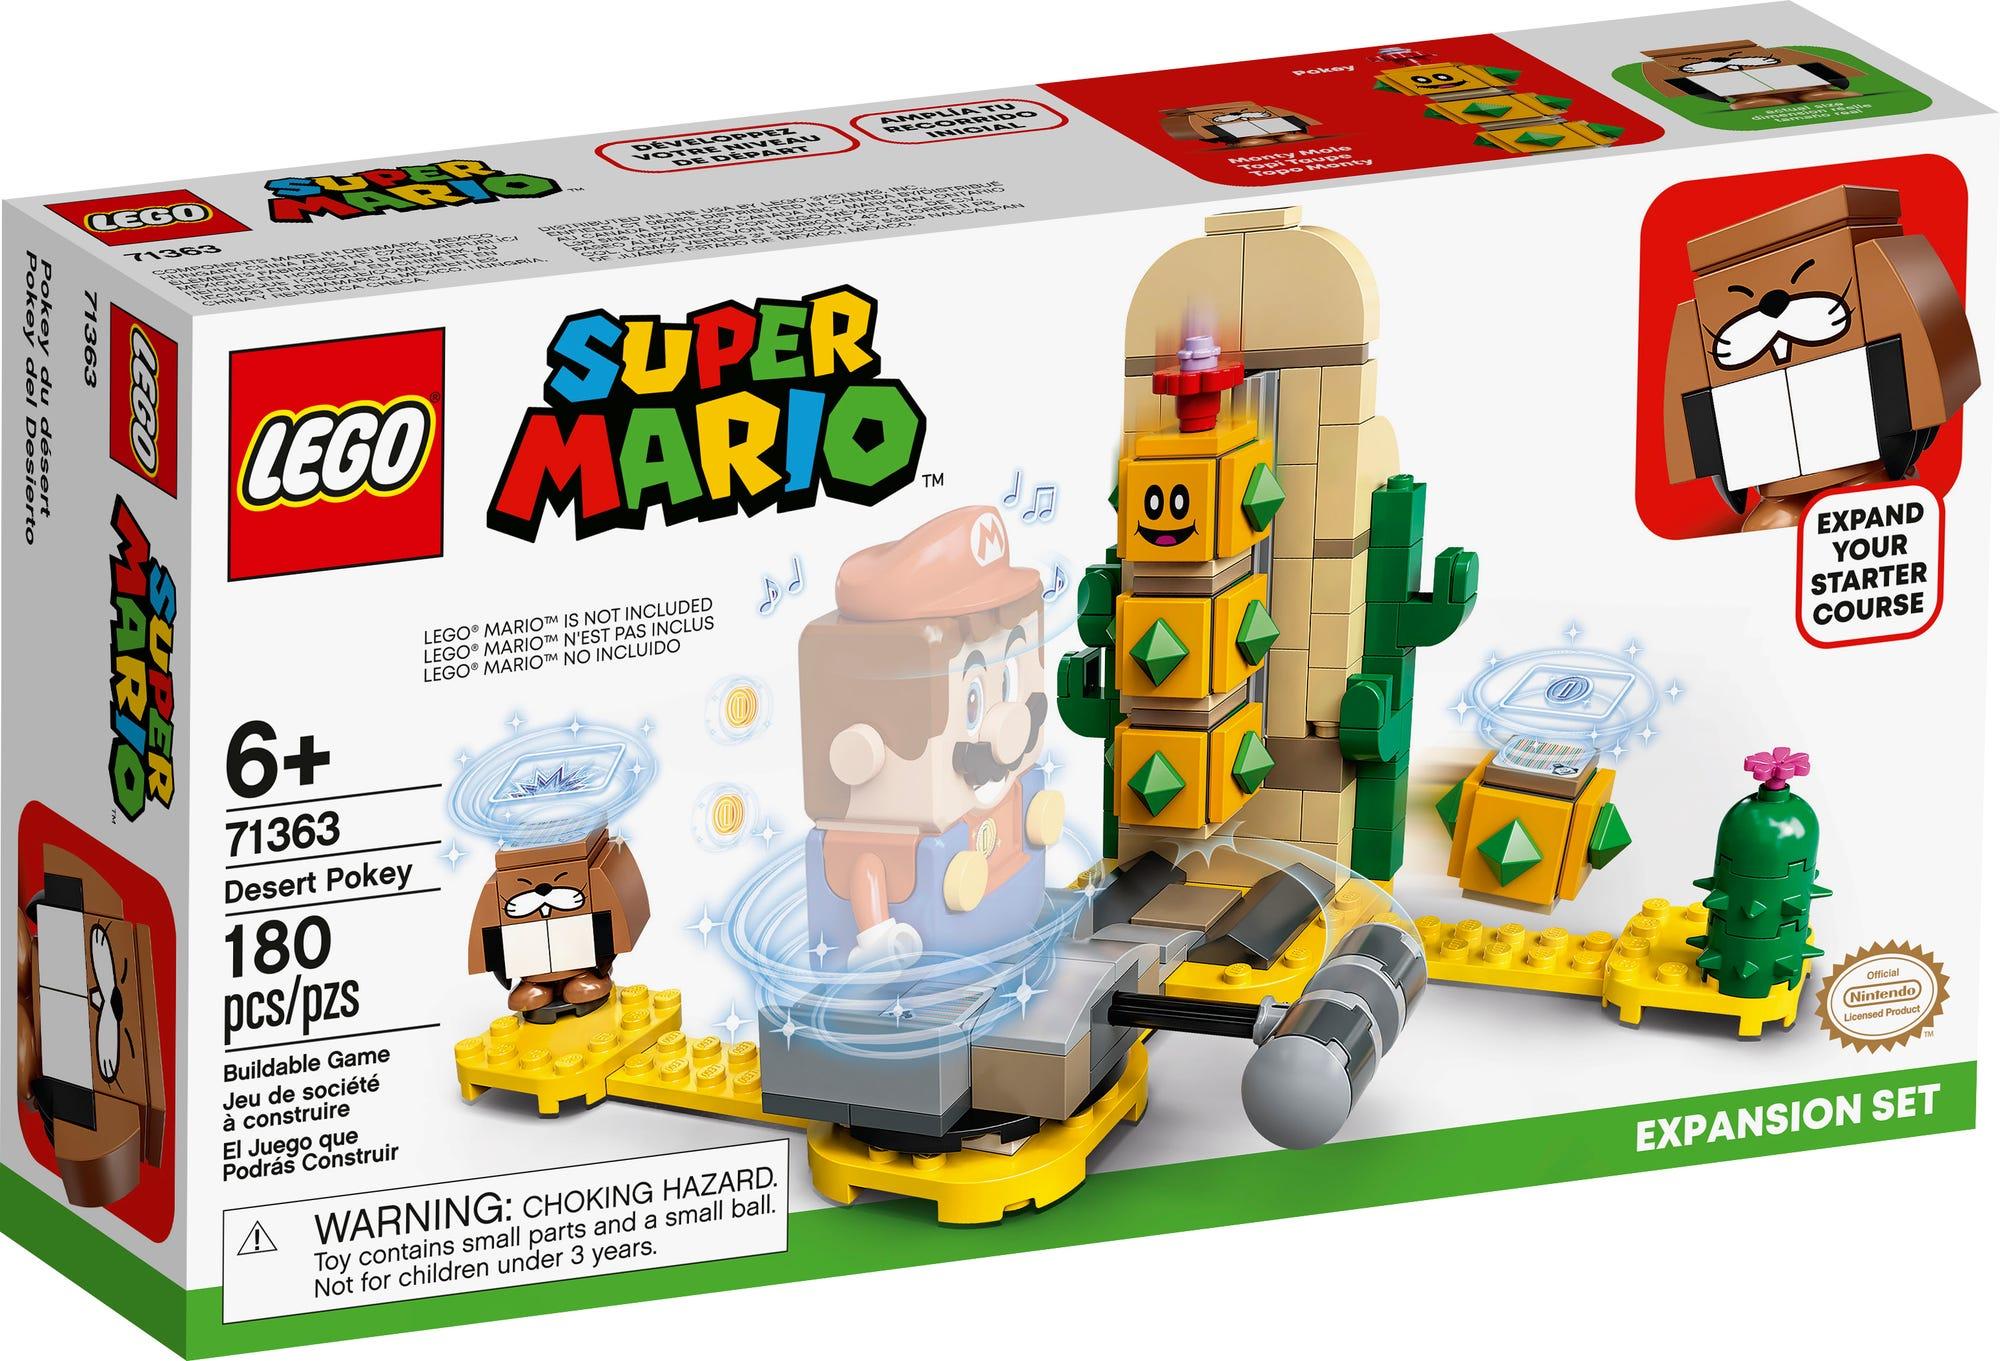 LEGO 71363 LEGO Super Mario W Sten Pokey Erweiterungsset 2